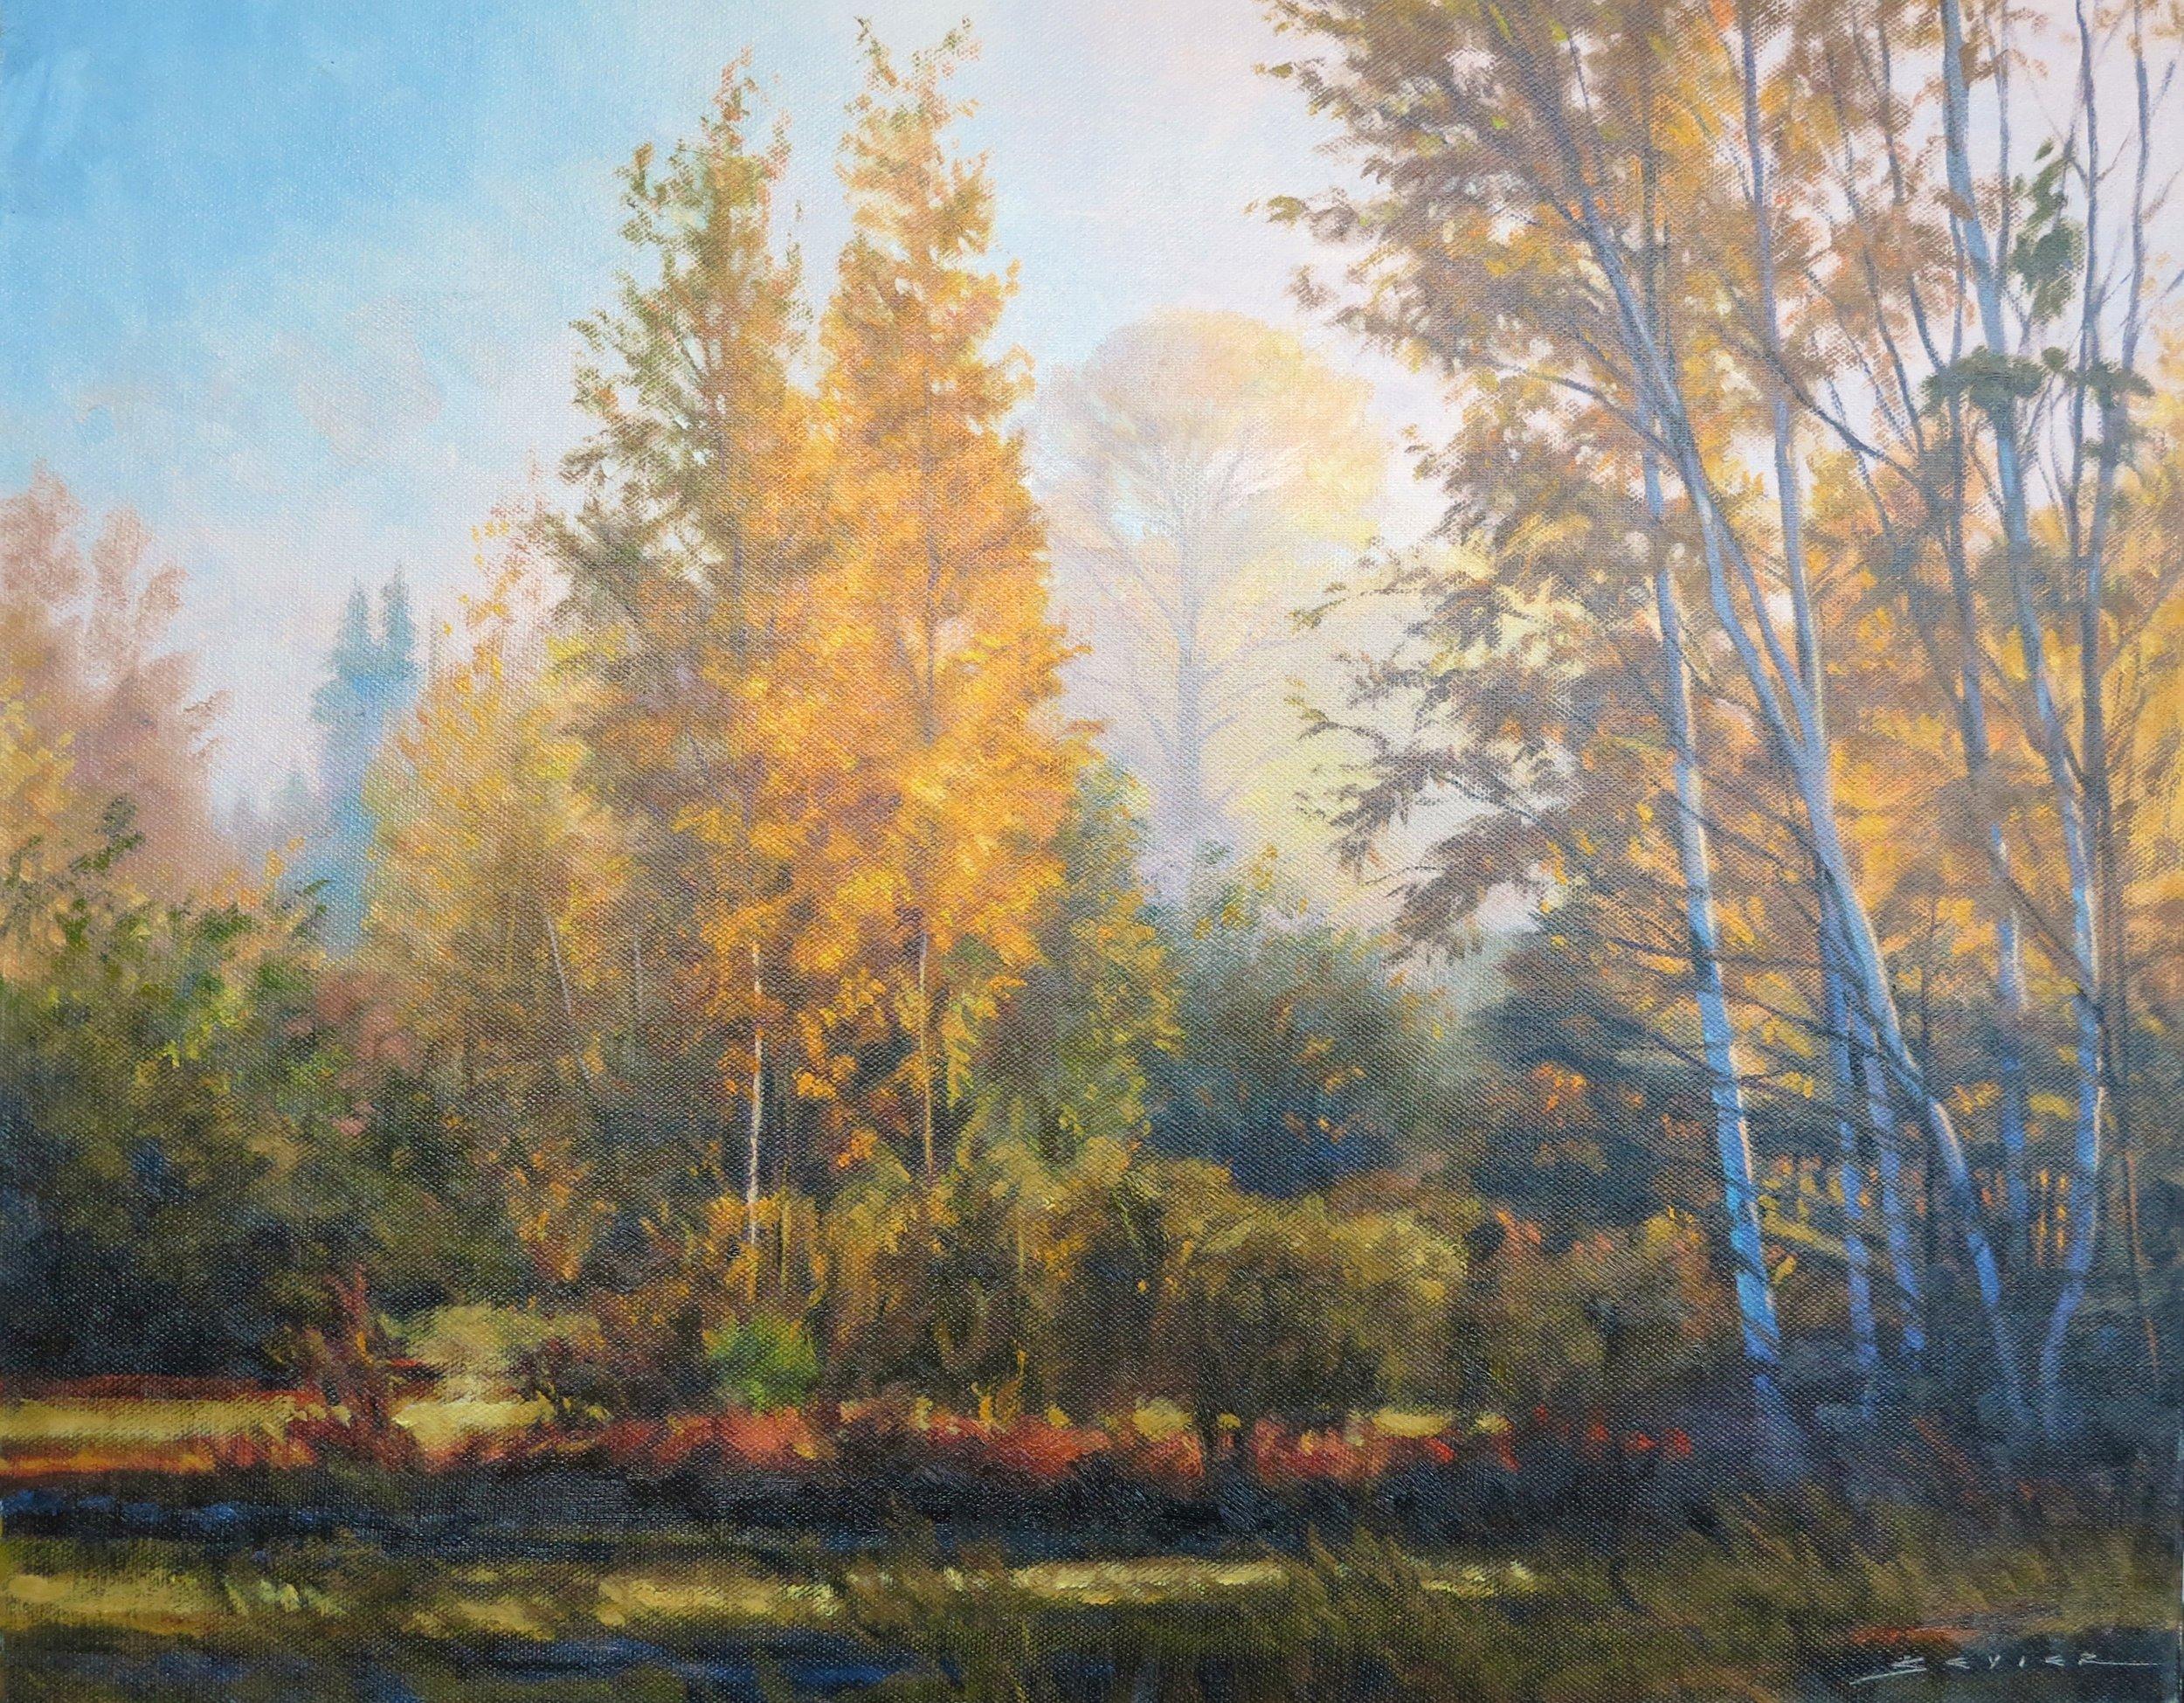 Morning Glow by Whitefish Lake, 16 x 20, oil